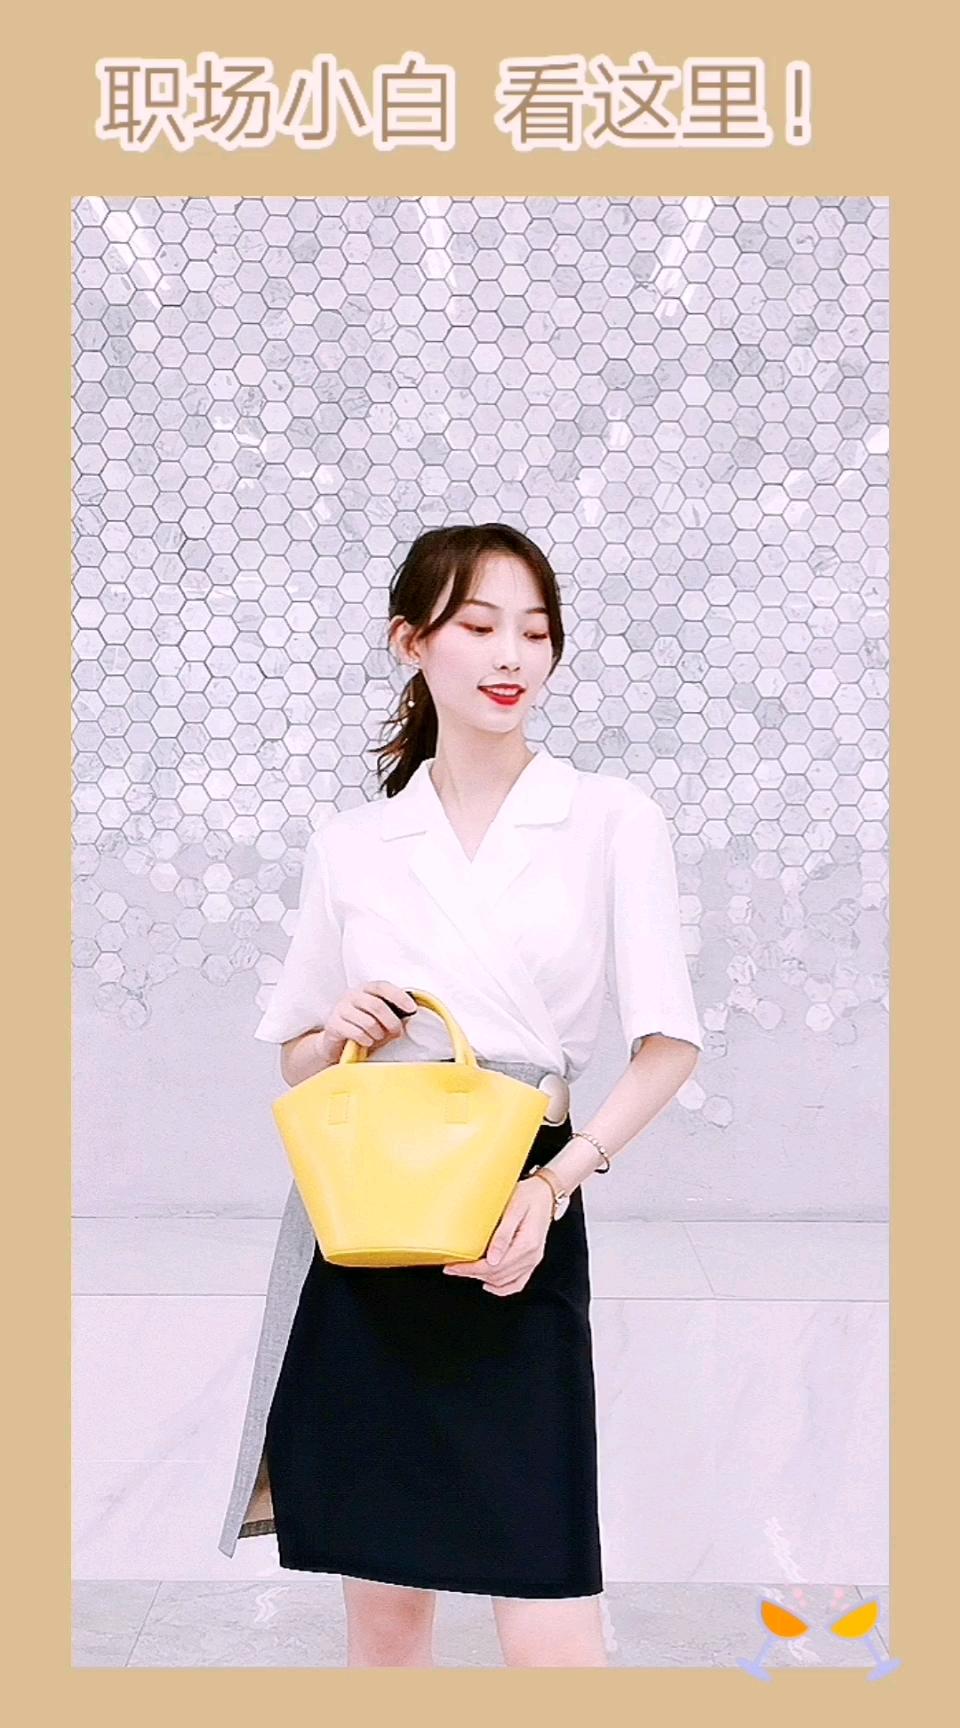 #短款上衣暑期亮瞎小姐妹# V领白衬衫 + 半身裙 职场女性最常用的搭配公式 衬衫与普通的衬衫不同 它是一片式的 没有纽扣 需要在后面绑带 上身很有型 显气质 很特别了~ 搭配亮色系的姜黄色包包 提亮全身穿搭  回头率十足!